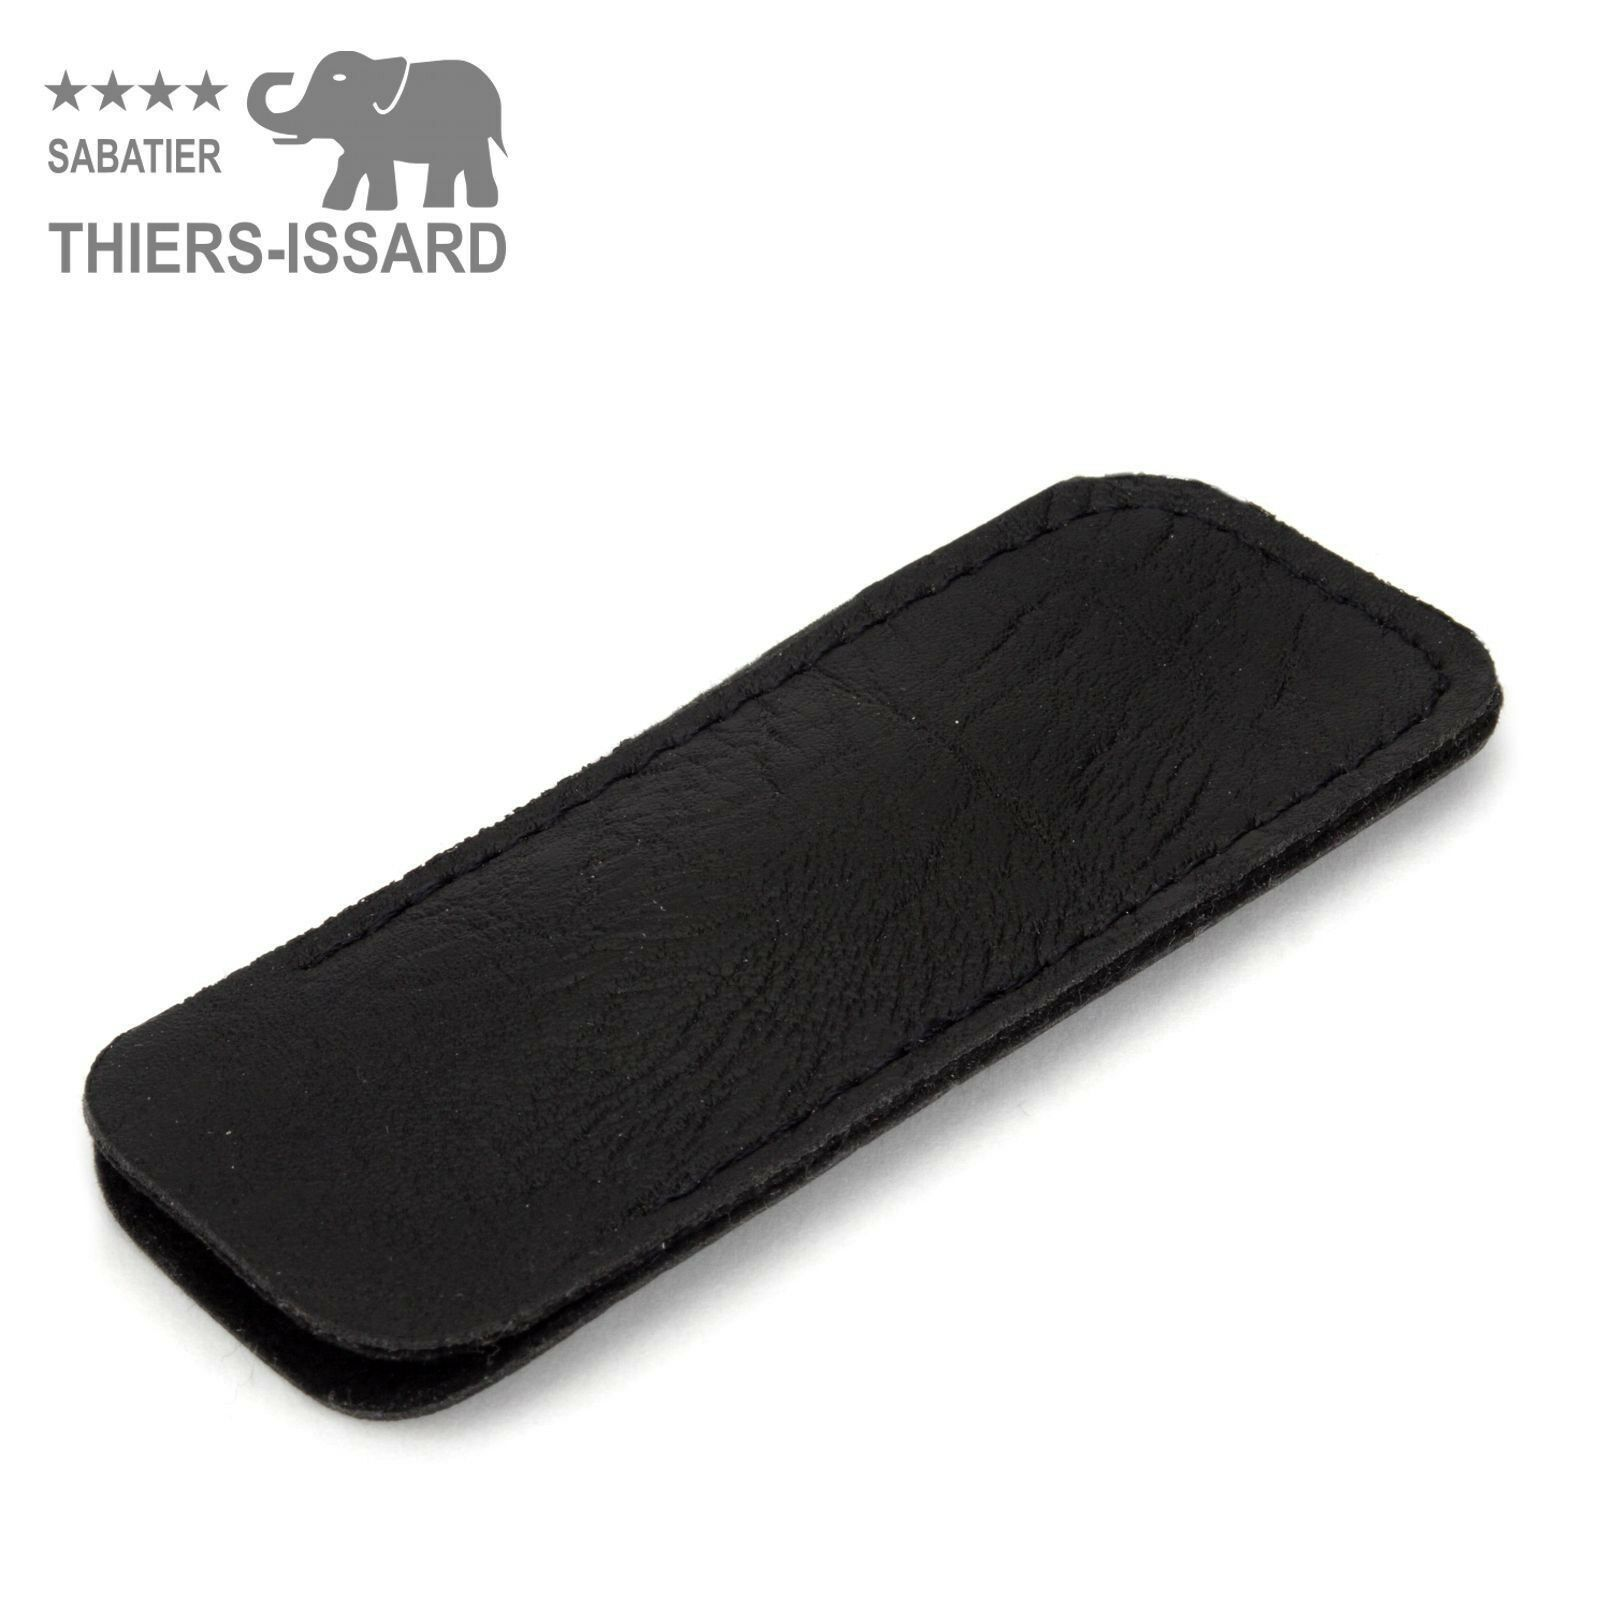 Thiers-Issard Thiers-Issard Thiers-Issard 11 cm Taschenmesser - SALERS - Olive - Garten Messer Frankreich c4c309